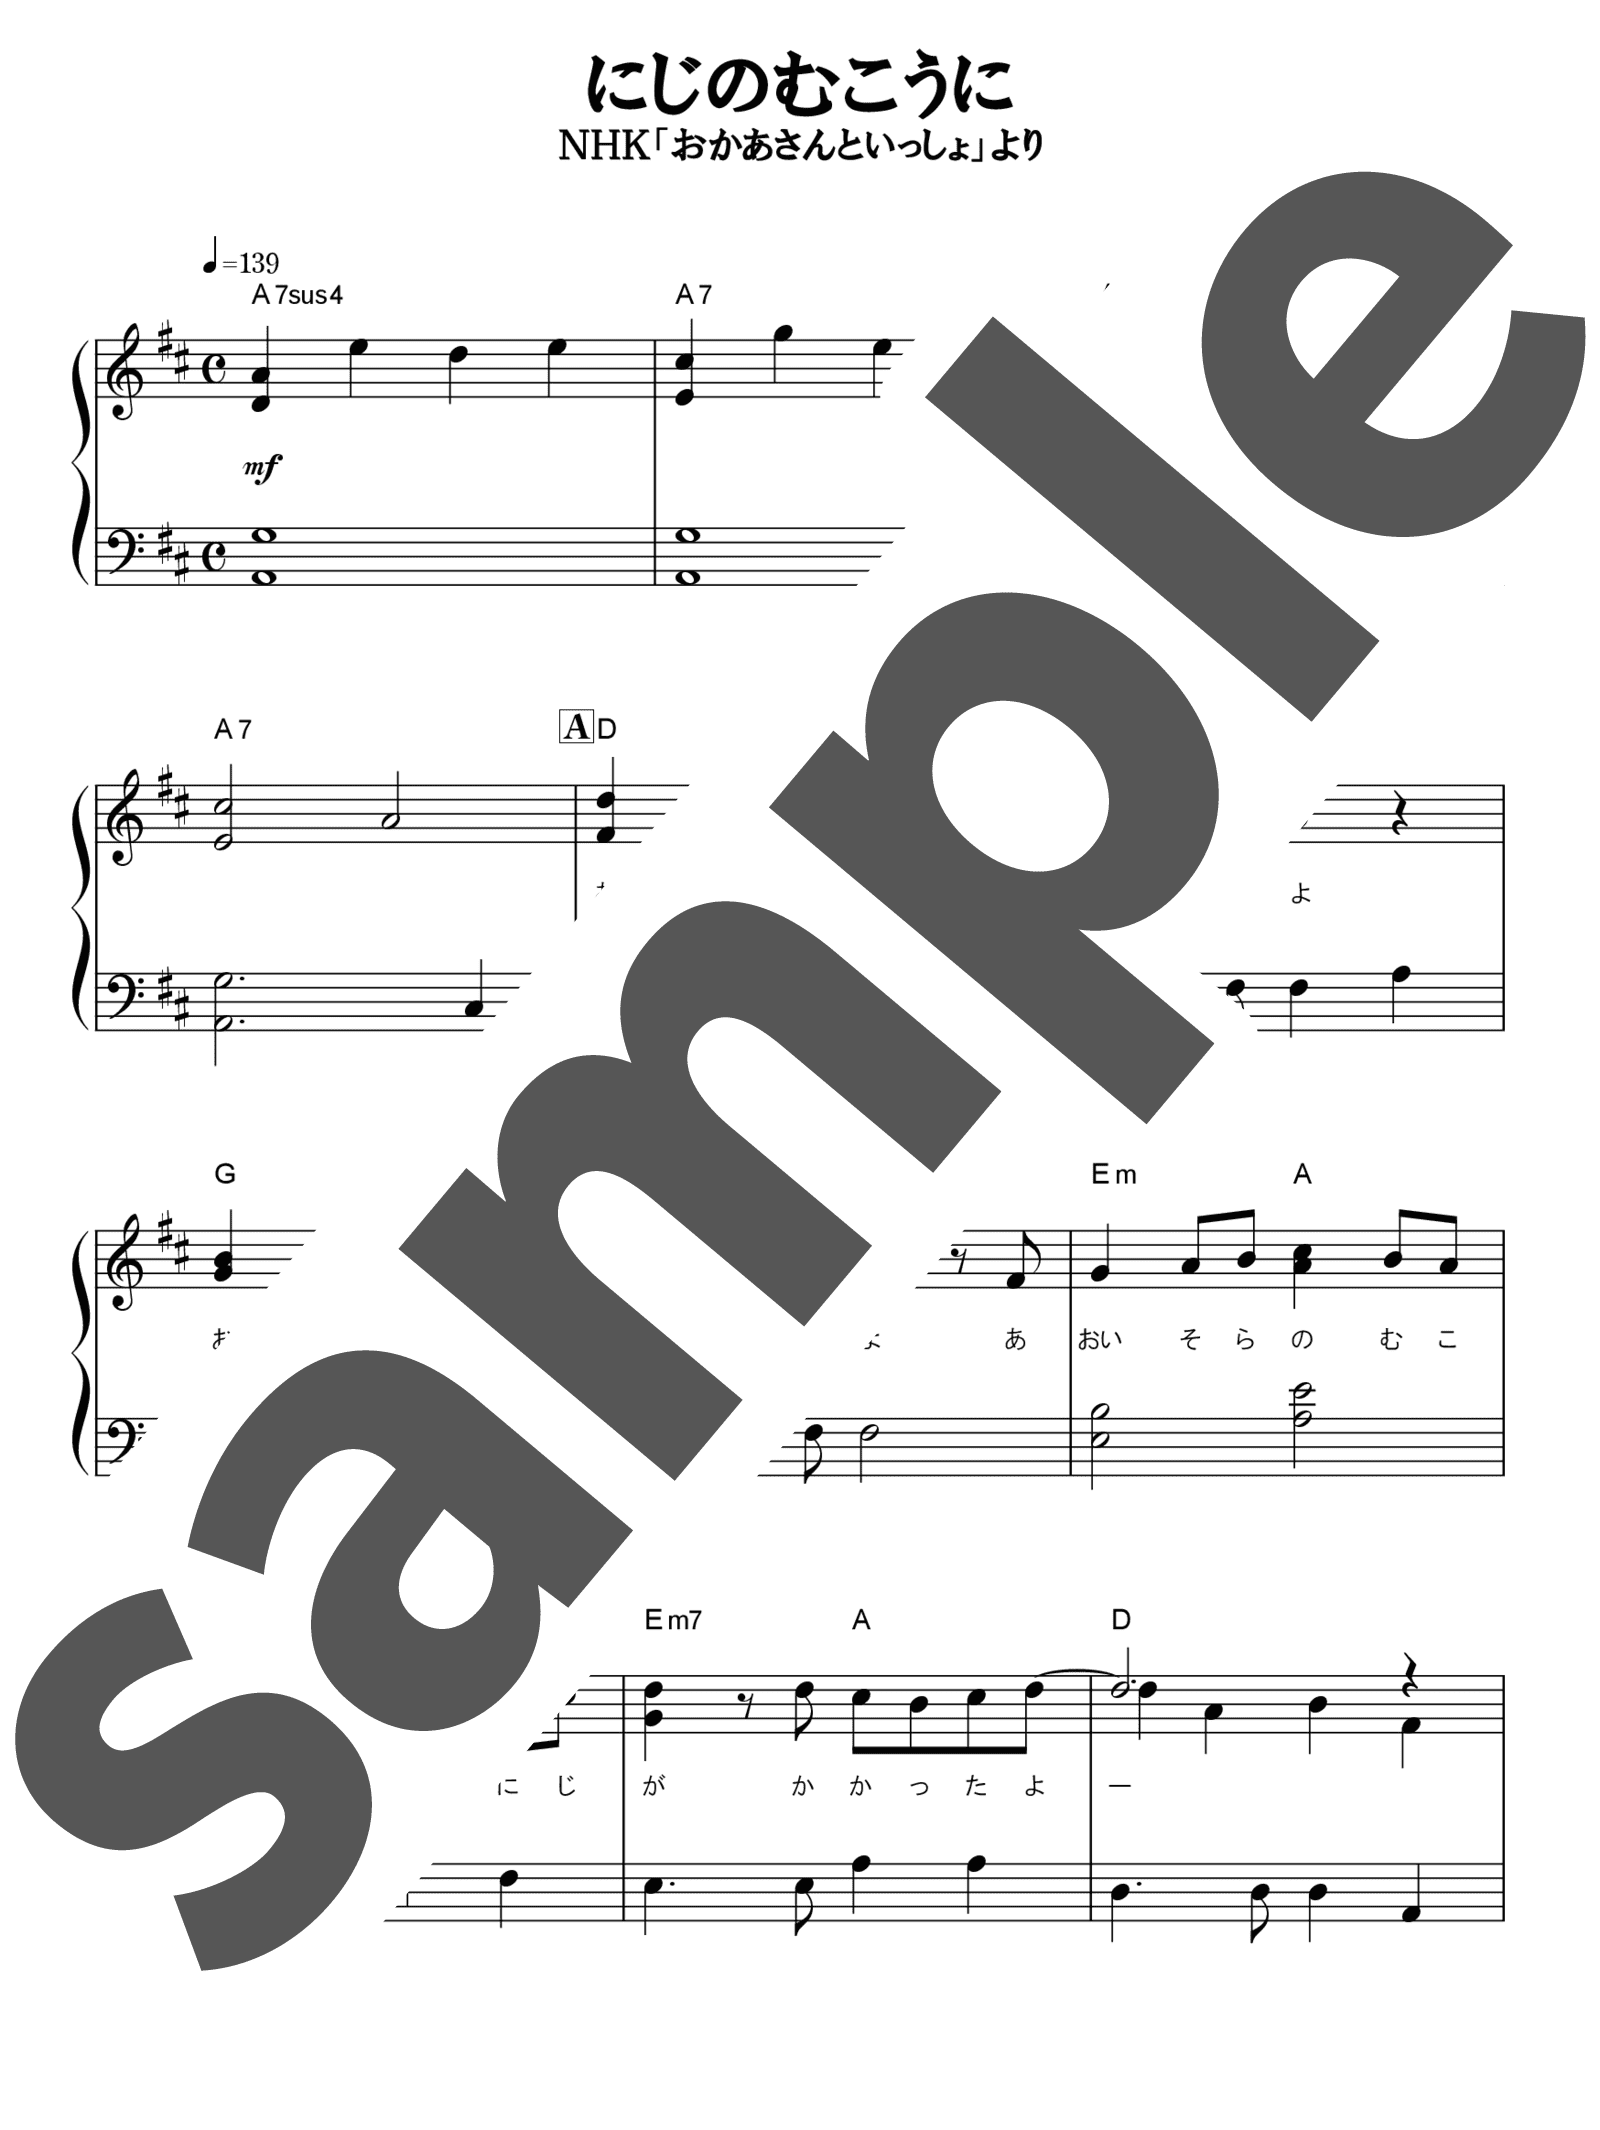 「にじのむこうに」のサンプル楽譜